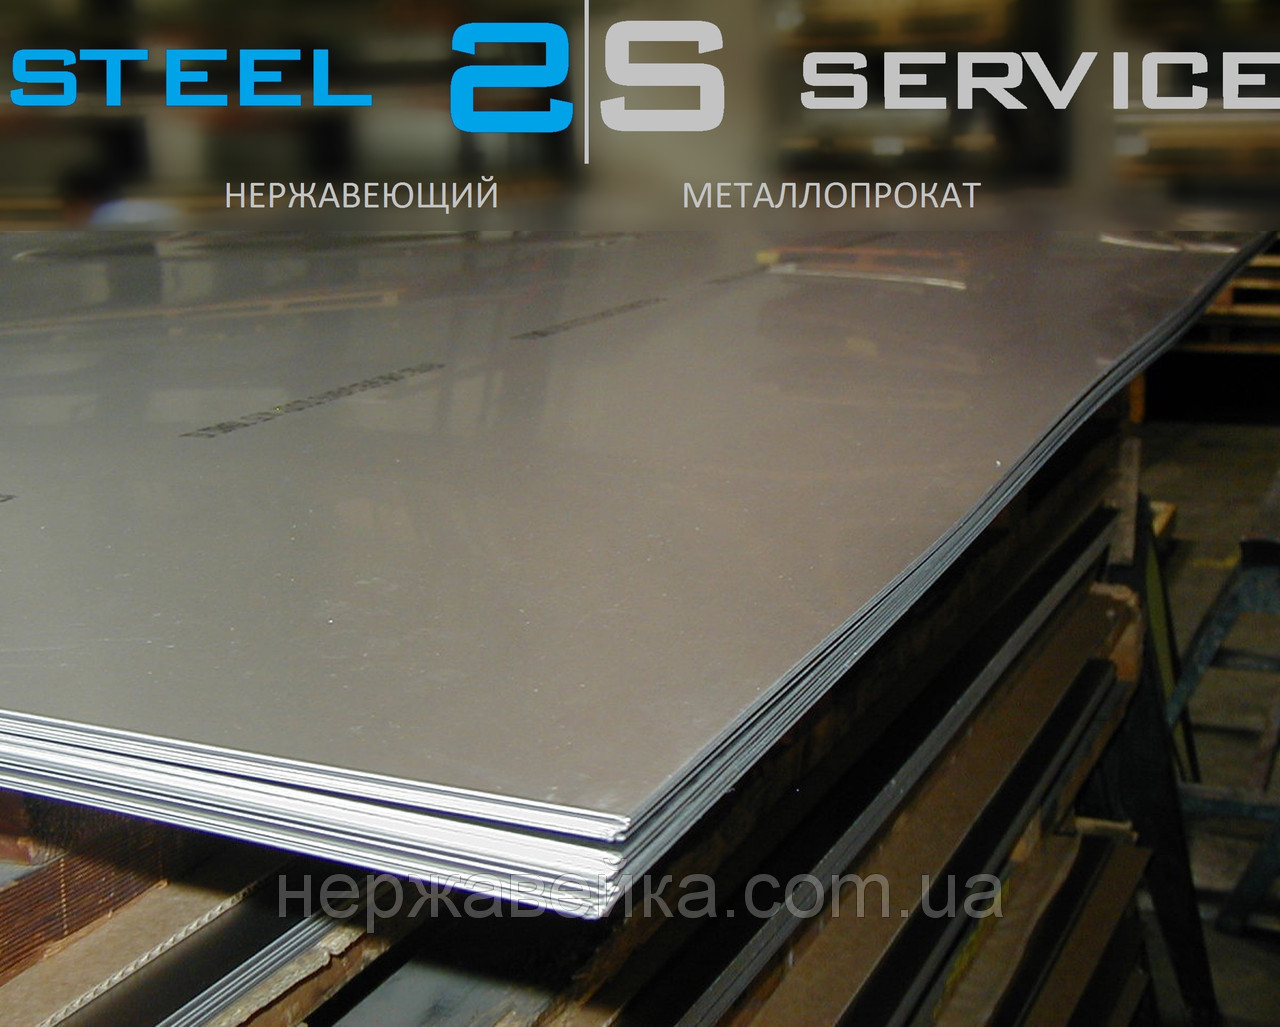 Нержавейка лист 12х1000х2000мм  AISI 309(20Х23Н13, 20Х20Н14С2) F1 - горячекатанный,  жаропрочный